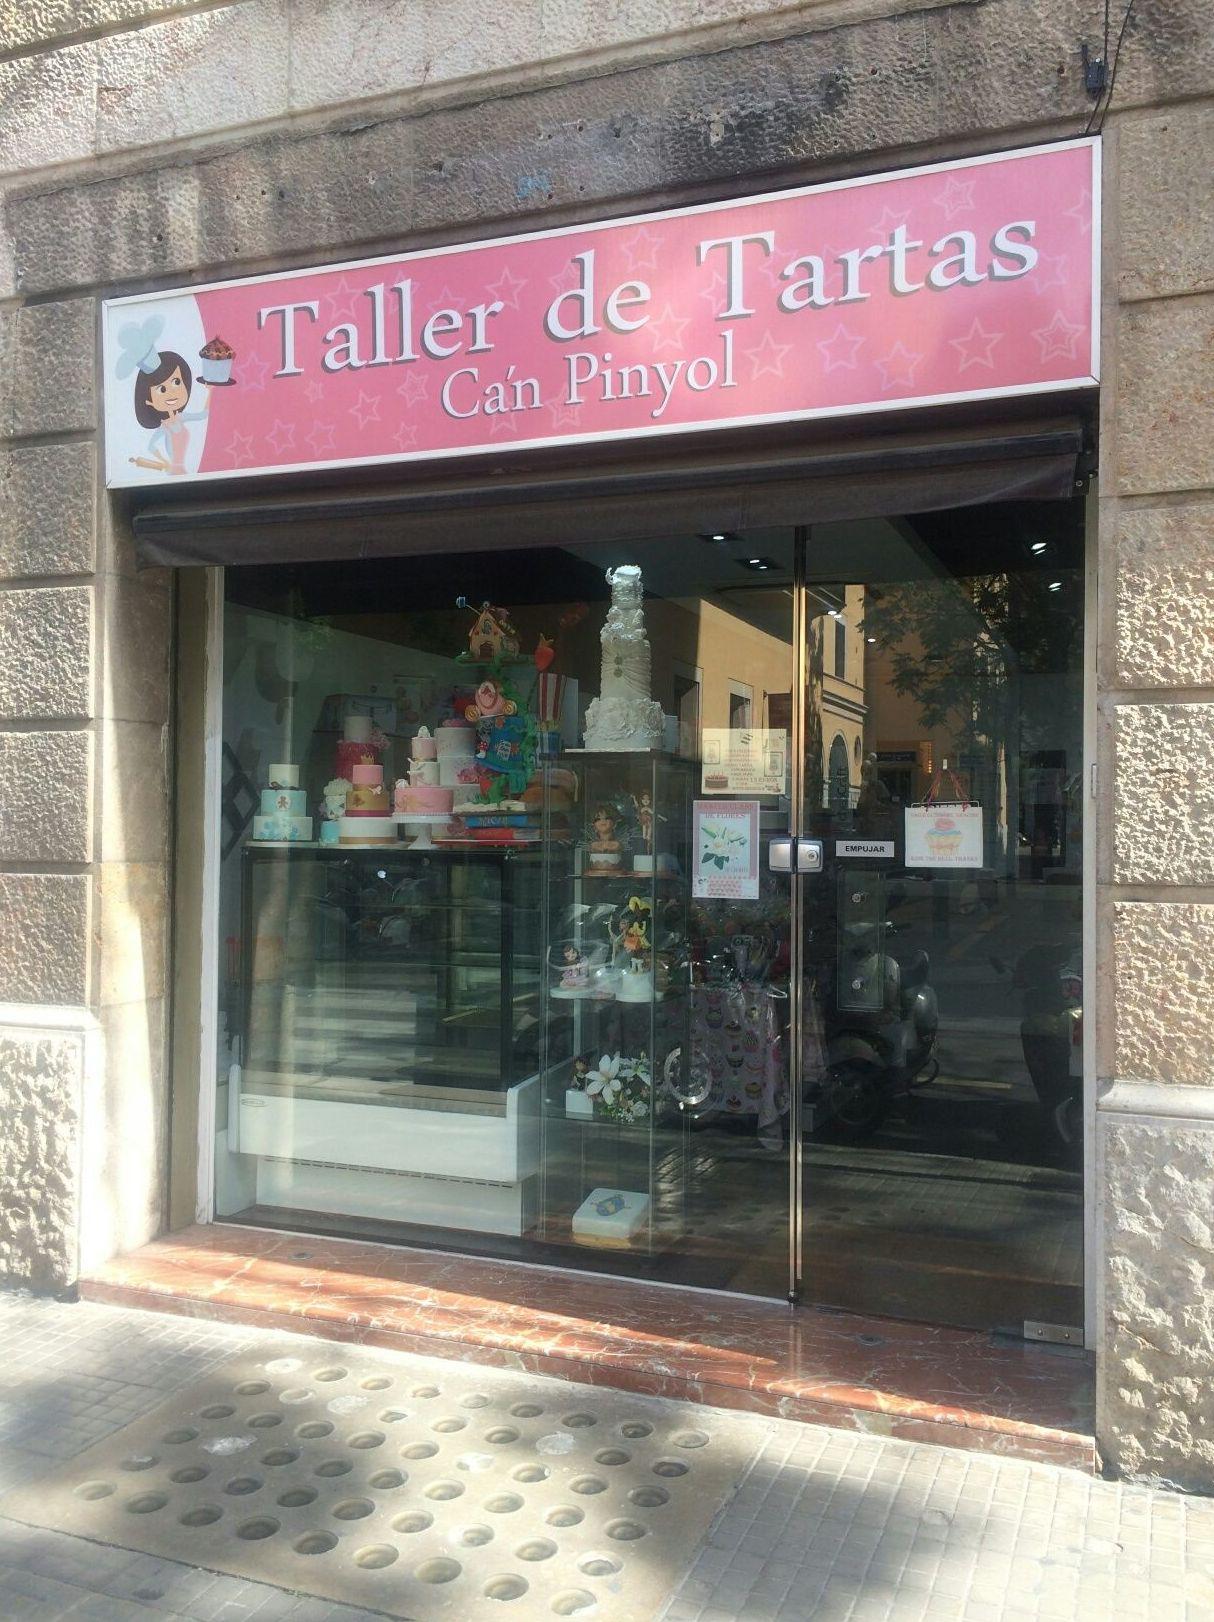 Taller de tartas en Palma de Mallorca